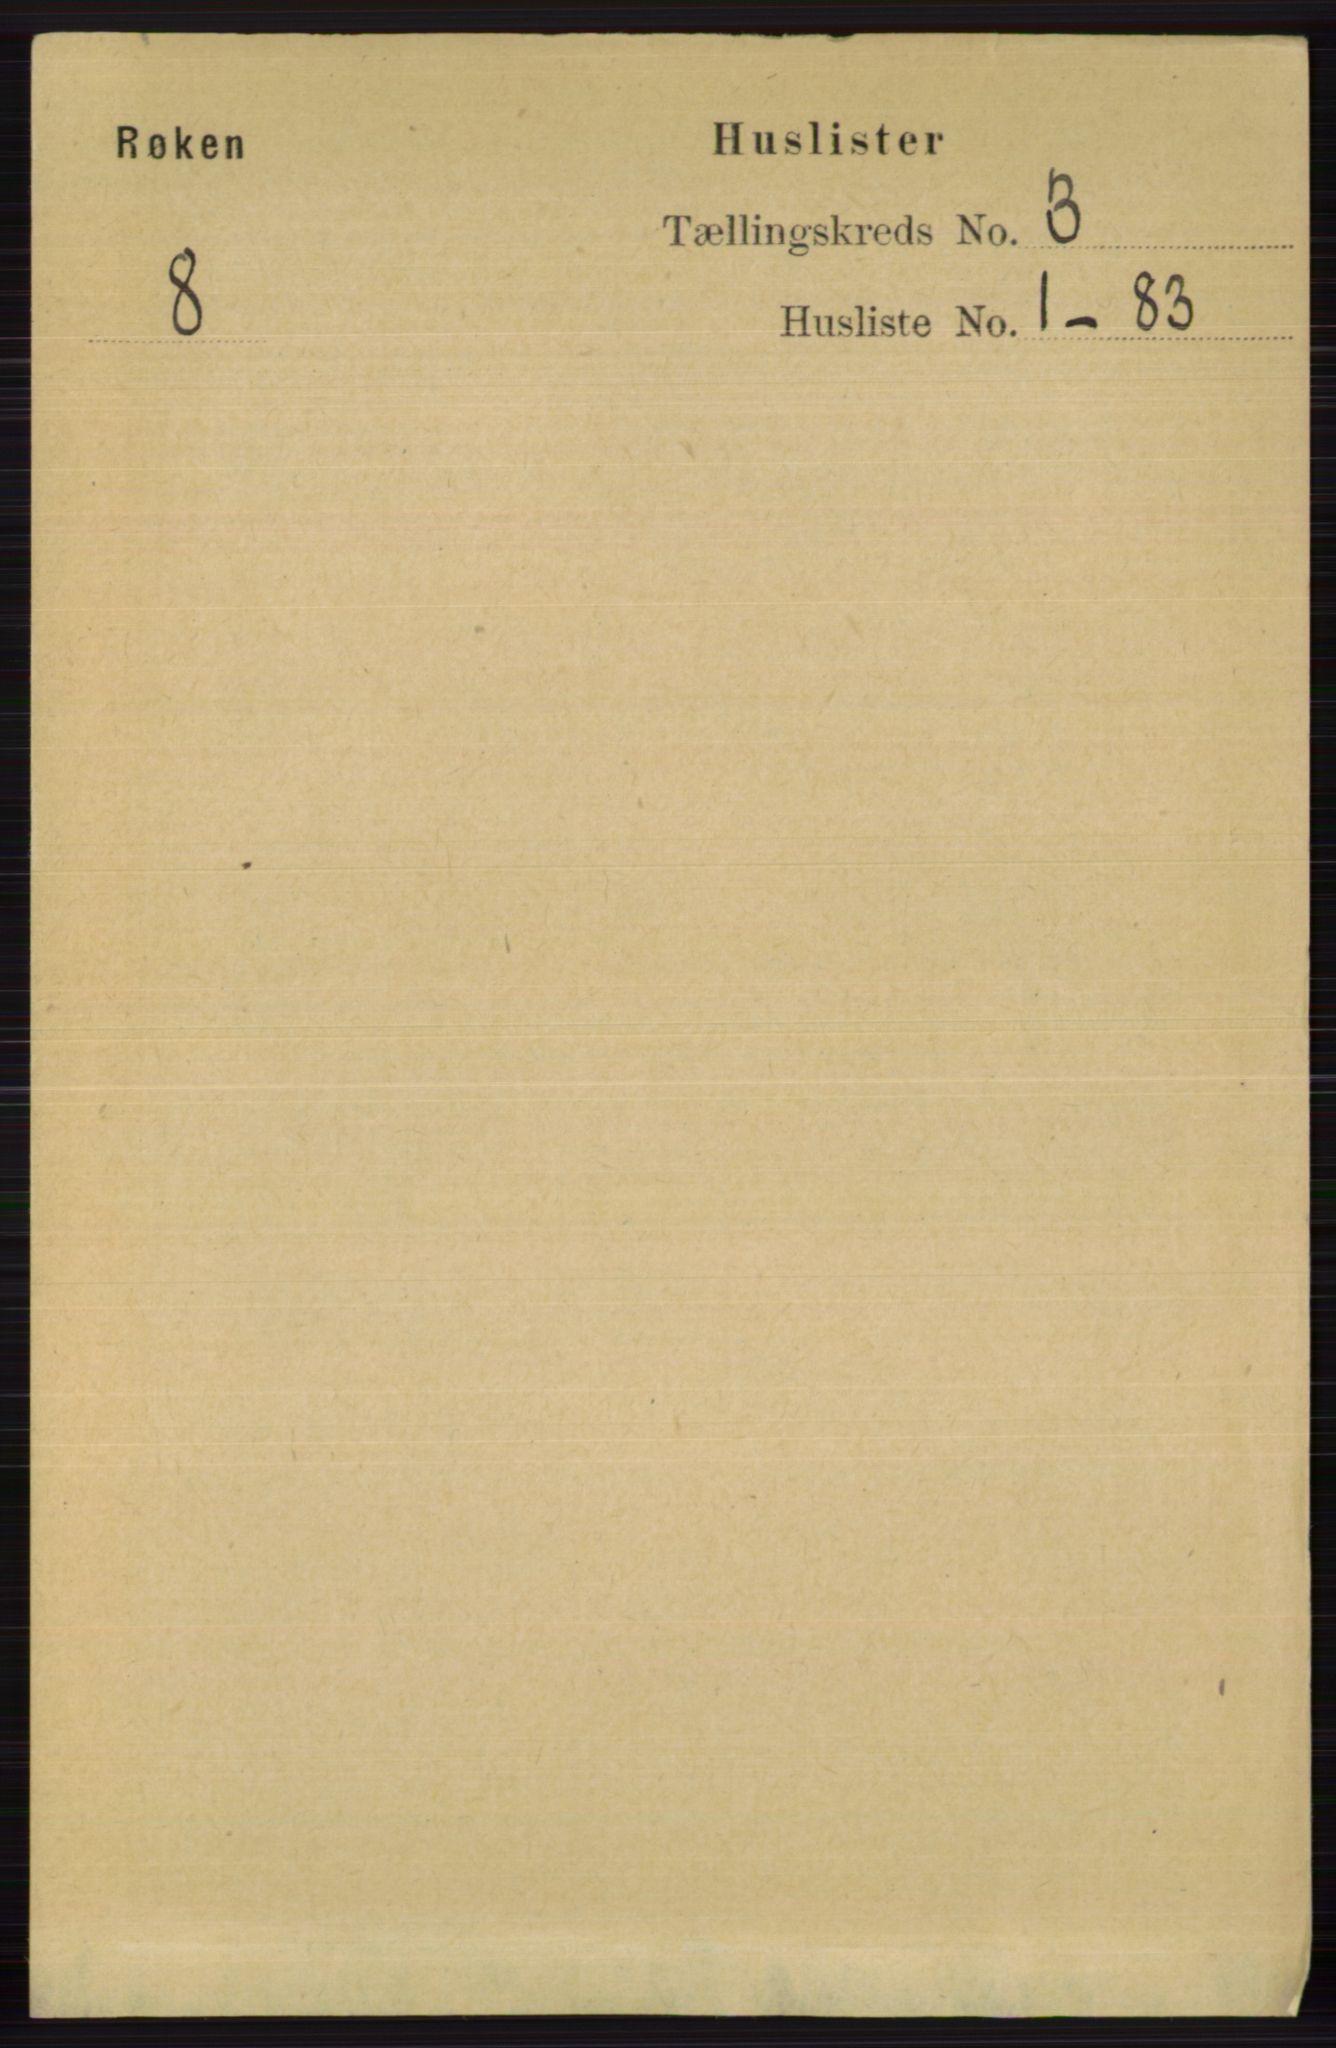 RA, Folketelling 1891 for 0627 Røyken herred, 1891, s. 1108